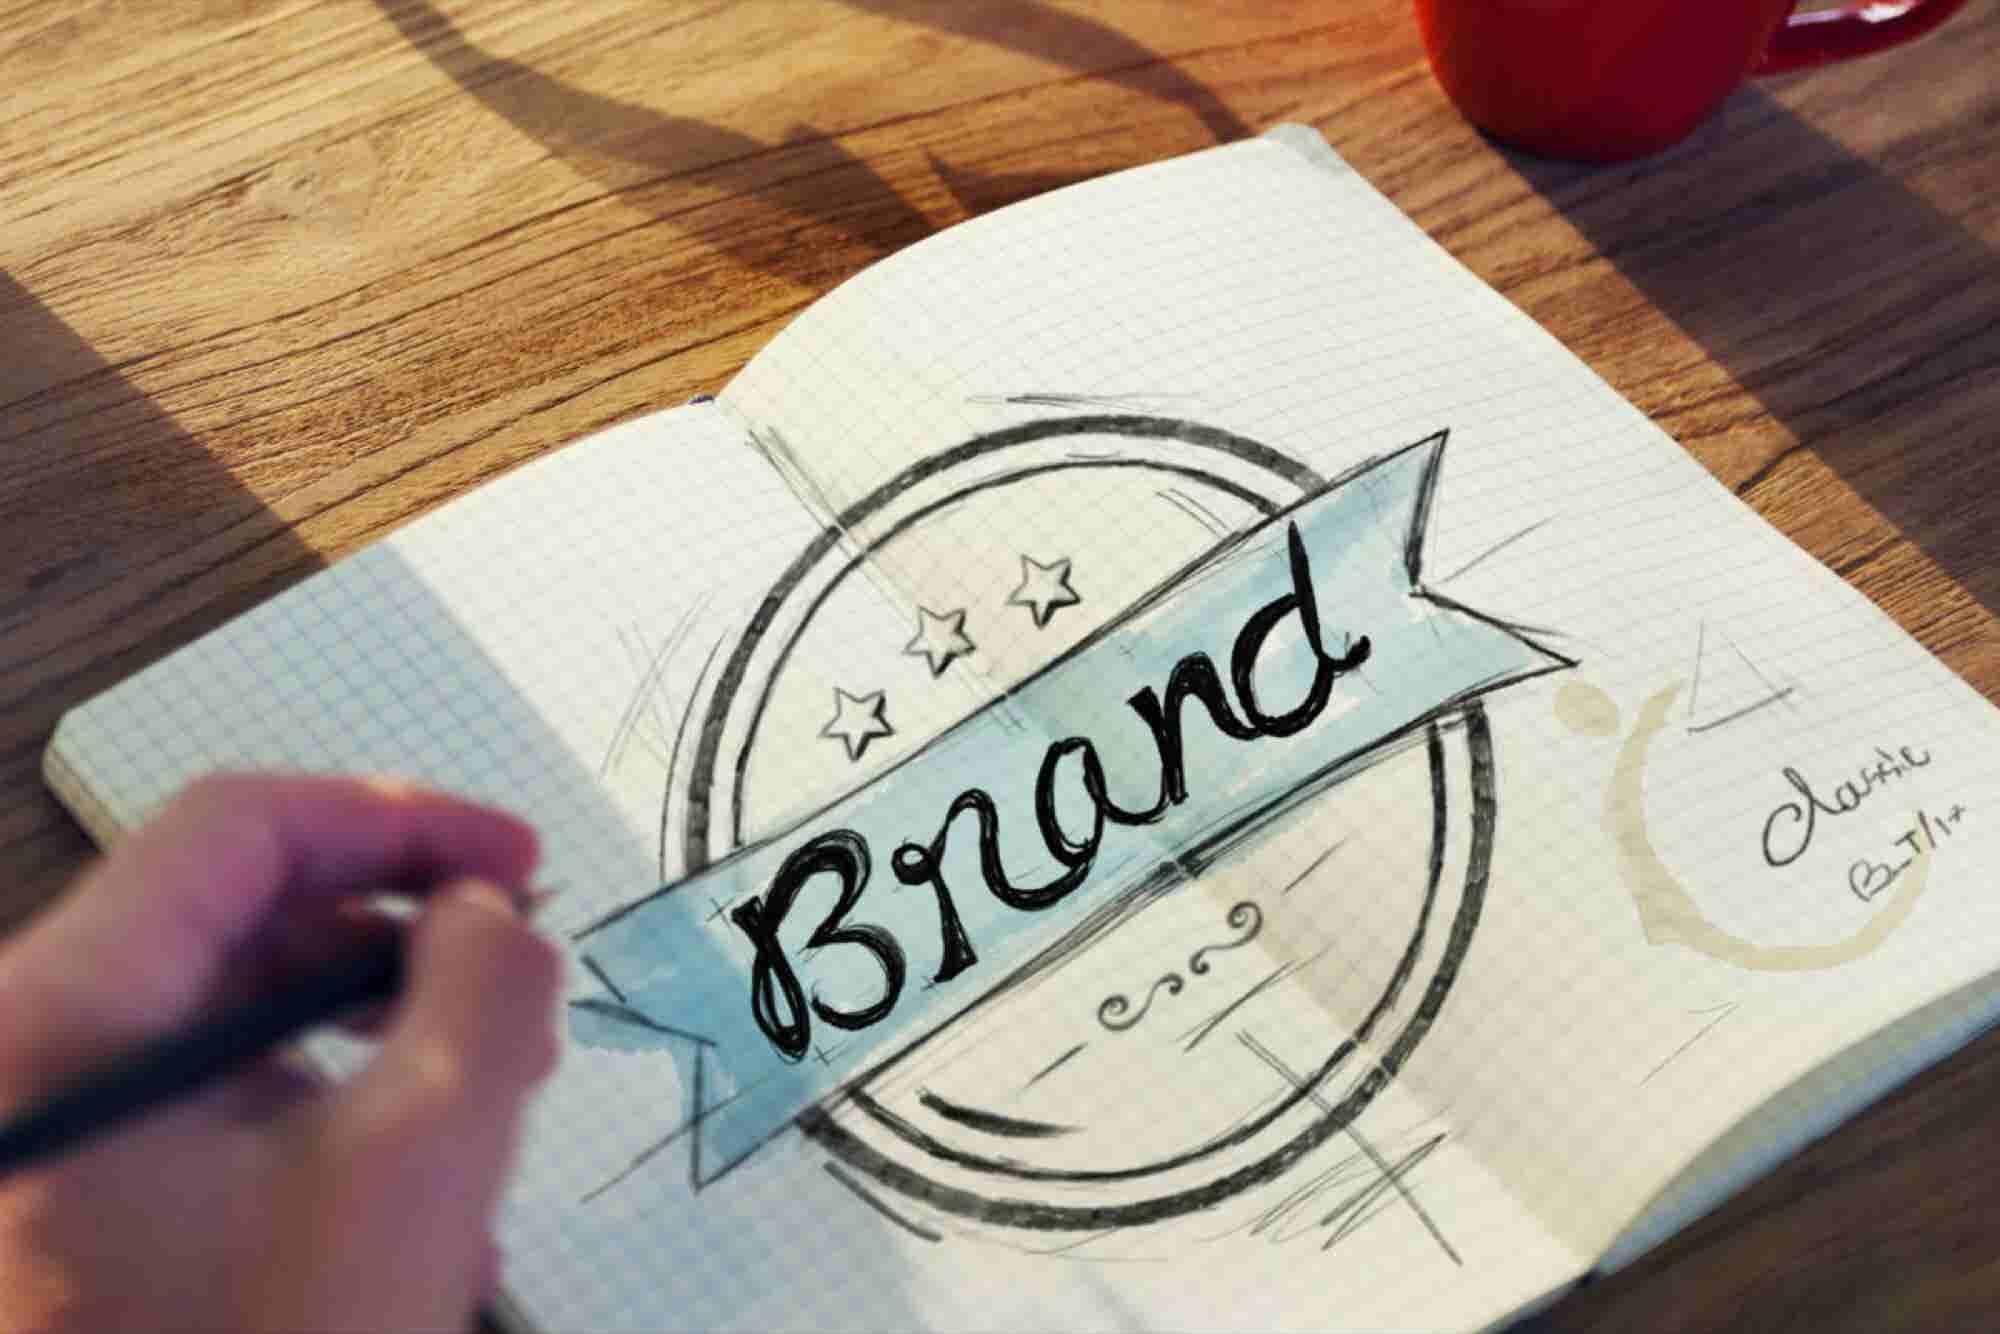 ¿Qué es RFC, razón social y nombre comercial? Terminología emprendedora que debes conocer